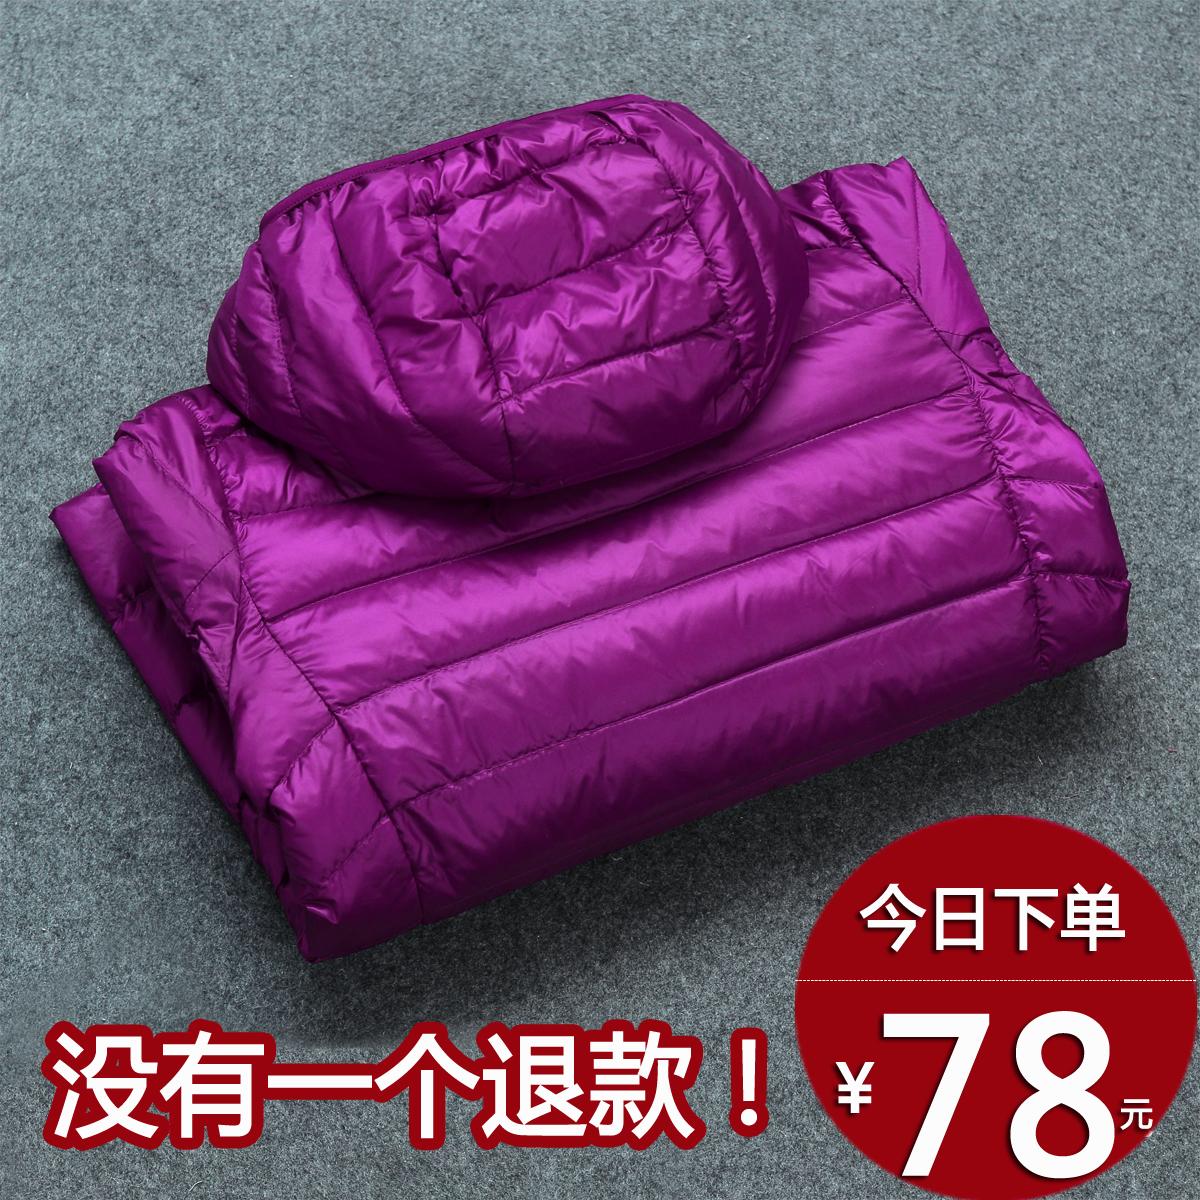 紫色羽绒服 轻薄羽绒服女连帽短款2016冬季新款韩版修身大码超薄款羽绒服外套_推荐淘宝好看的紫色羽绒服